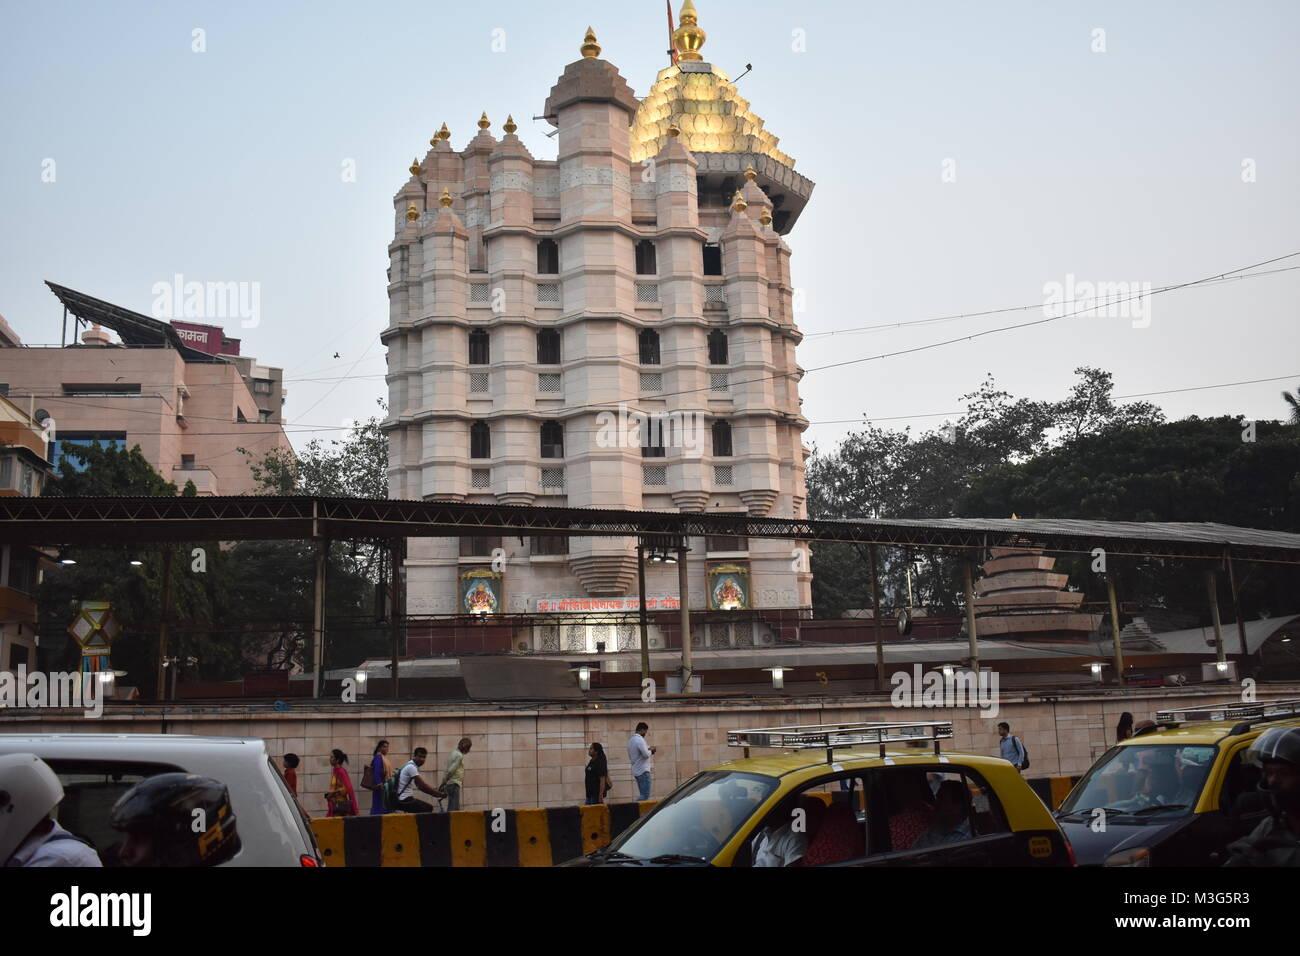 Le Shree Siddhivinayak Ganapati Mandir est un temple dédié au dieu hindou Shri Ganesh. Il est situé à Prabhadevi, Mumbai, Maharashtra. Banque D'Images